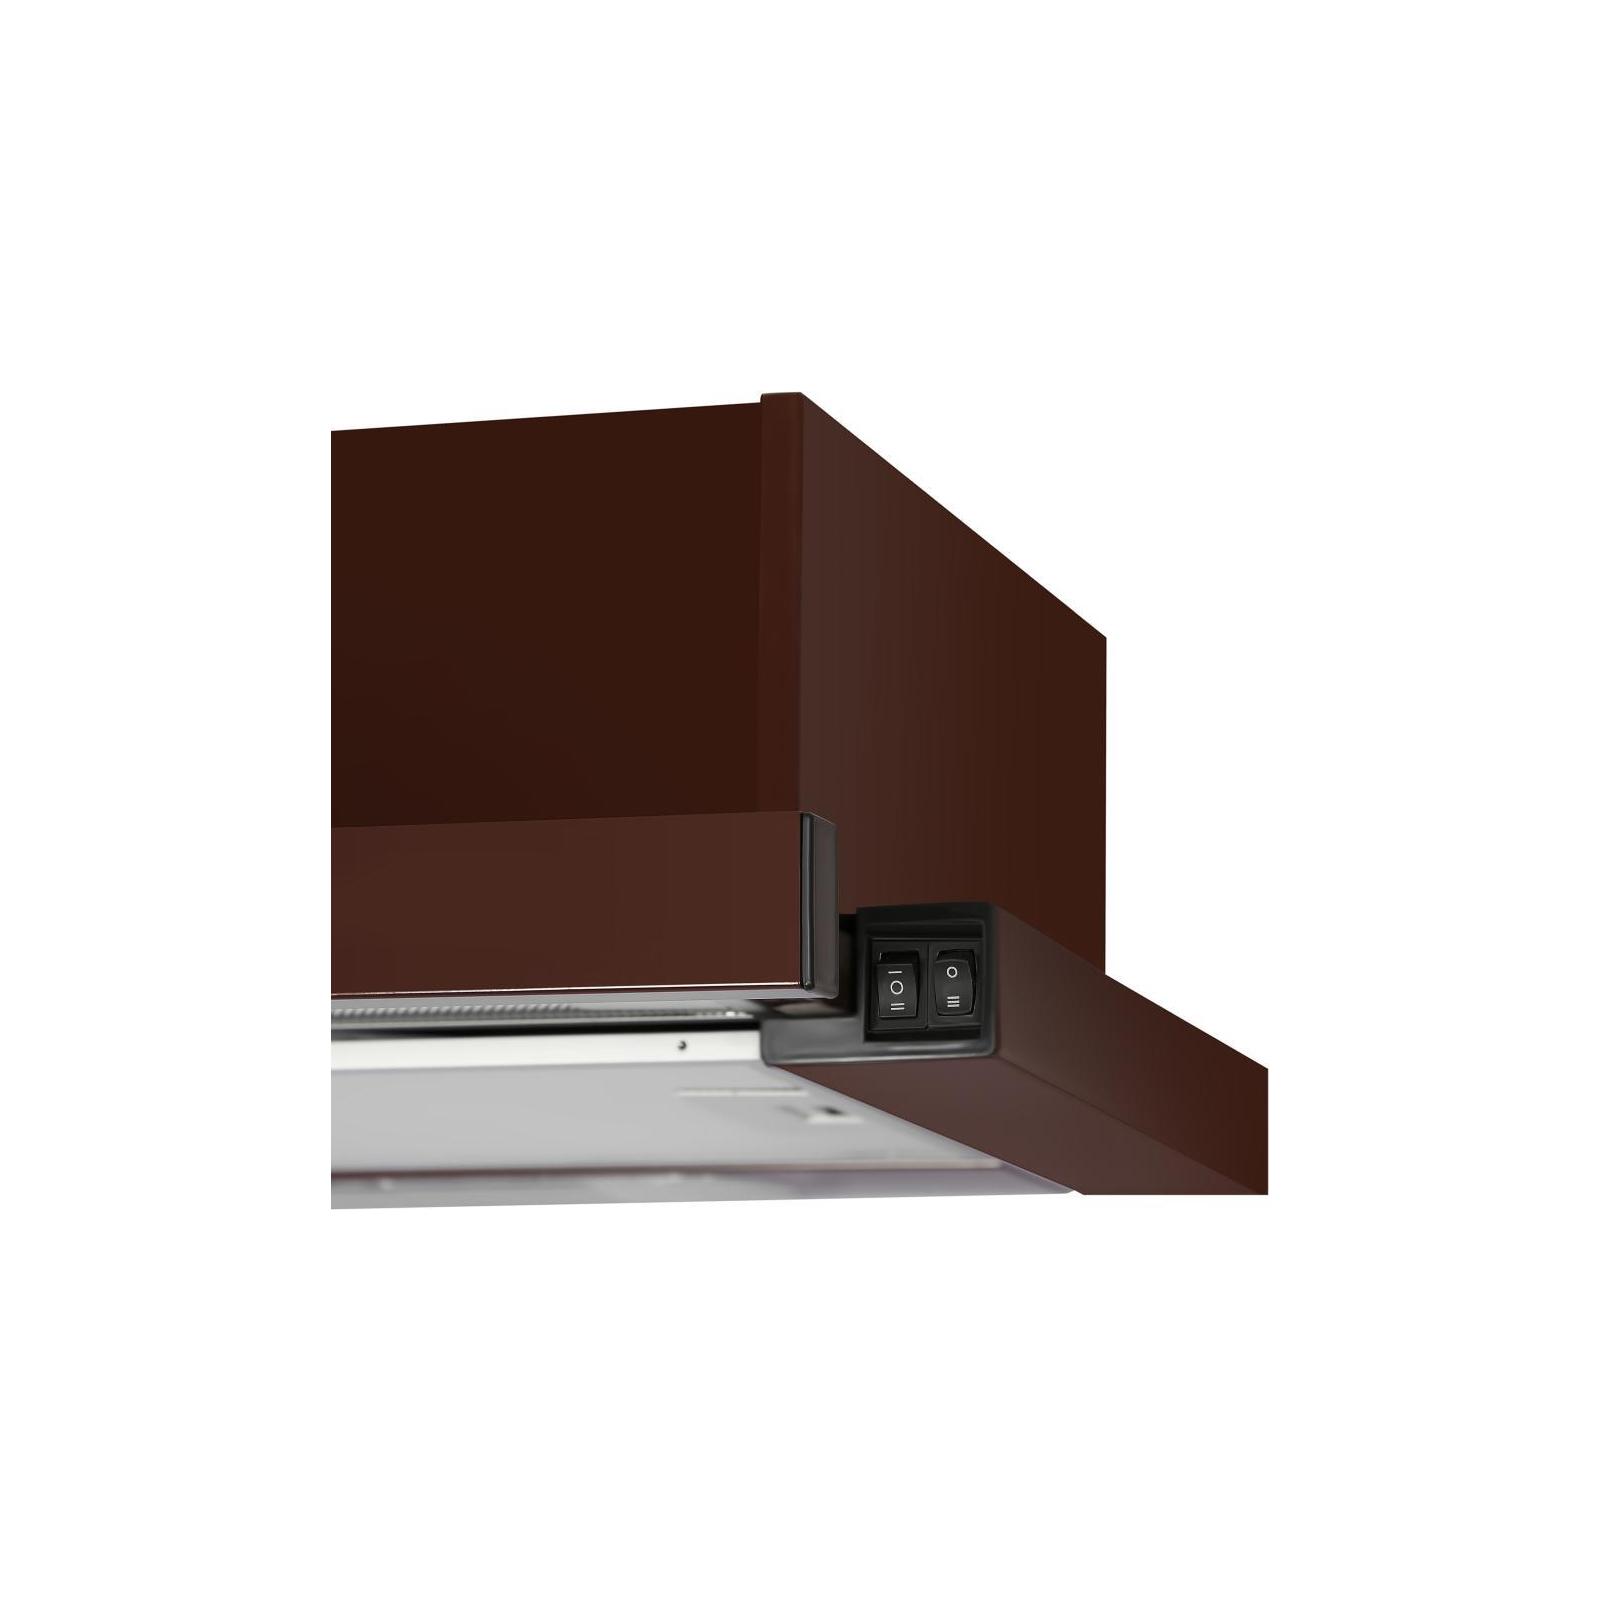 Вытяжка кухонная MINOLA HTL 6010 BR 430 изображение 5